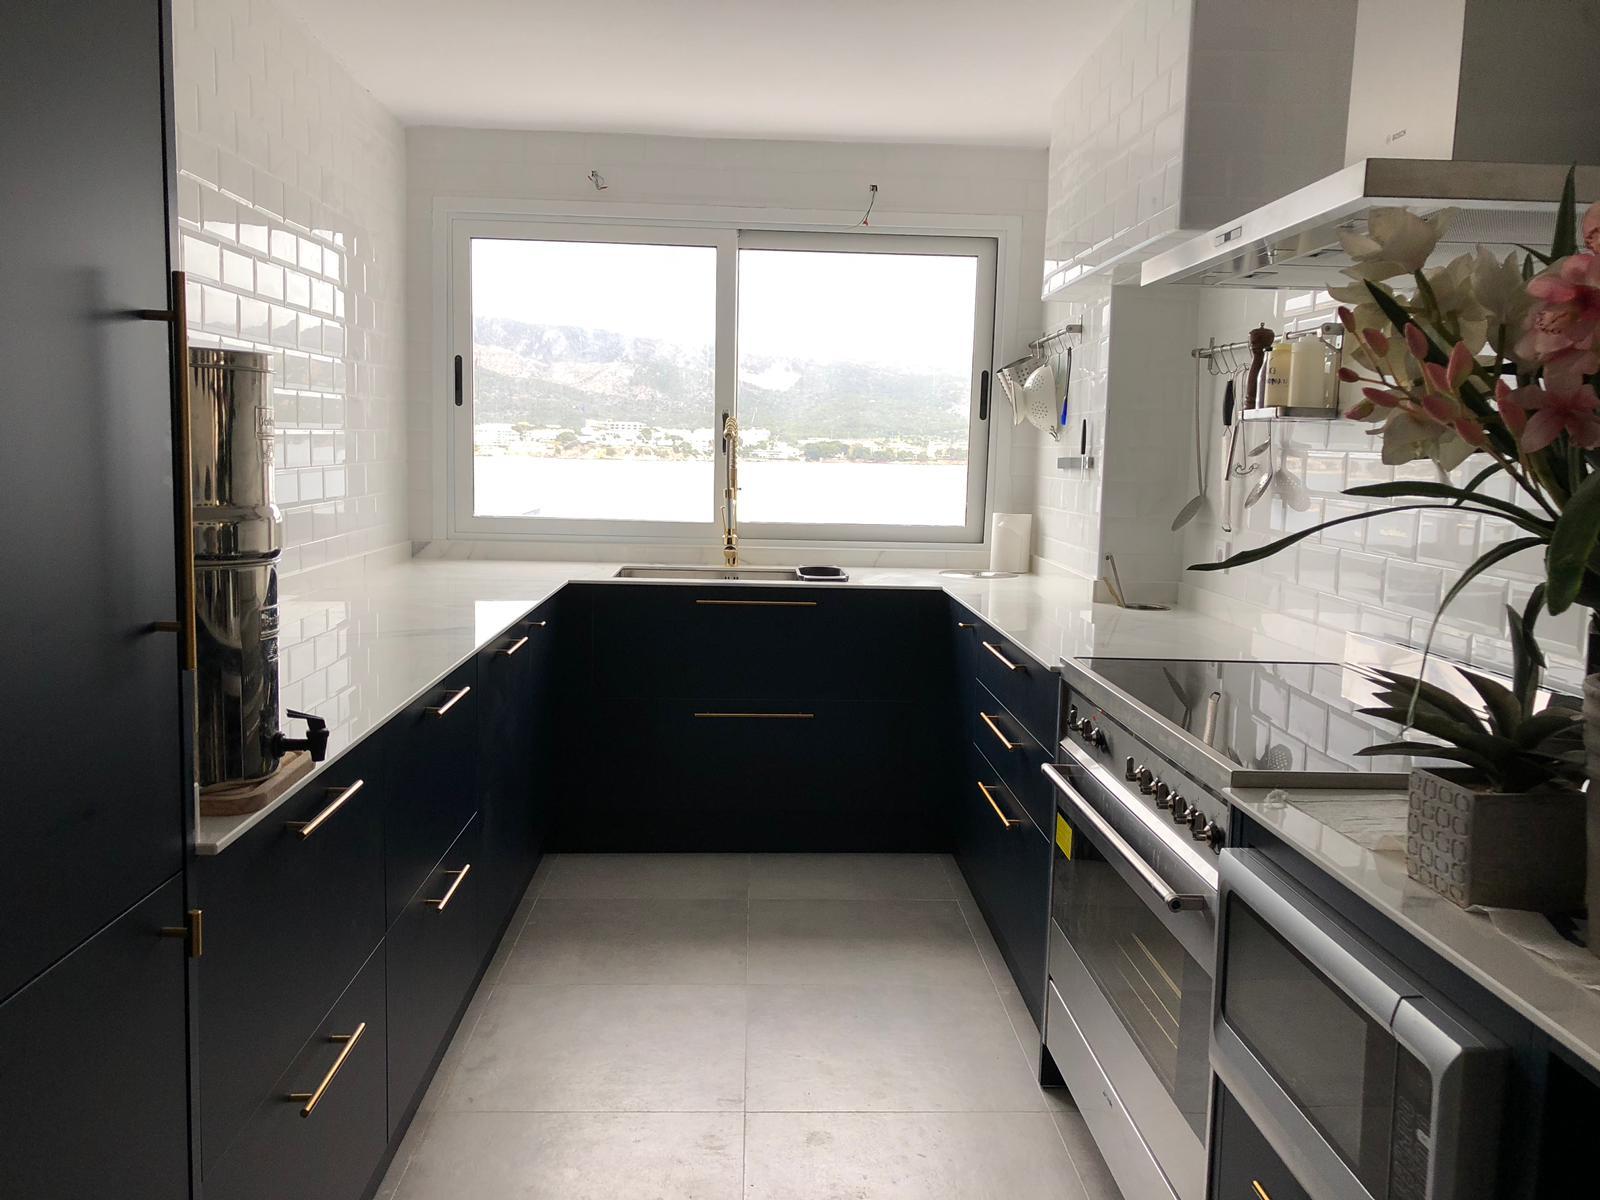 Cocinas-vallori (29)